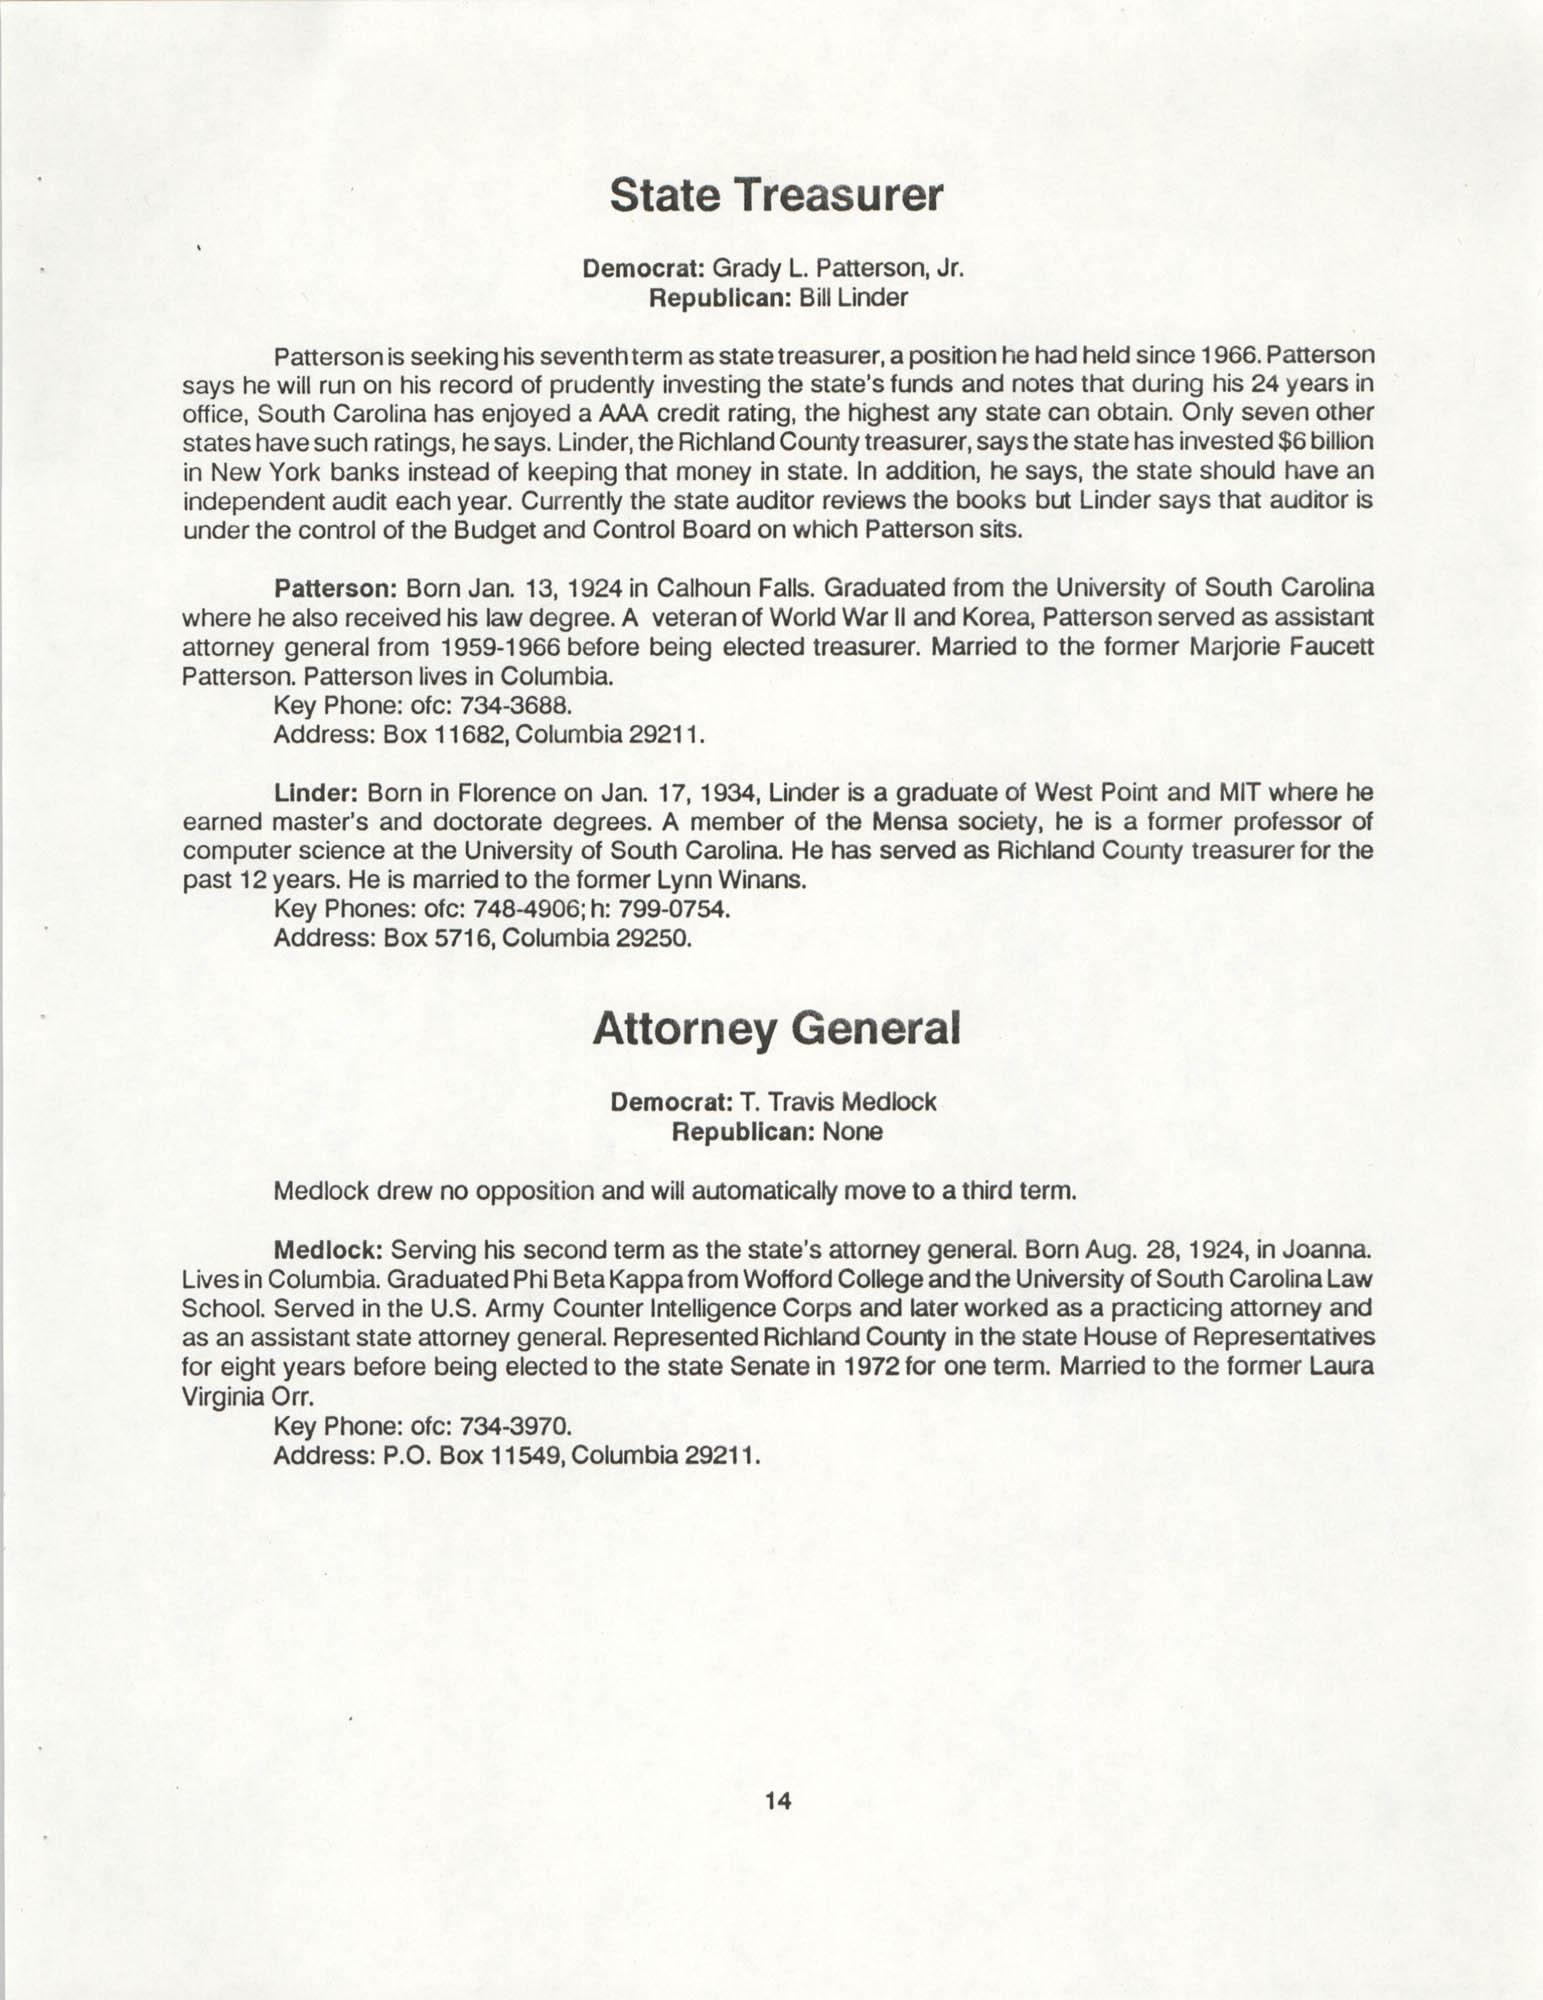 1990 Elections Handbook, Page 14